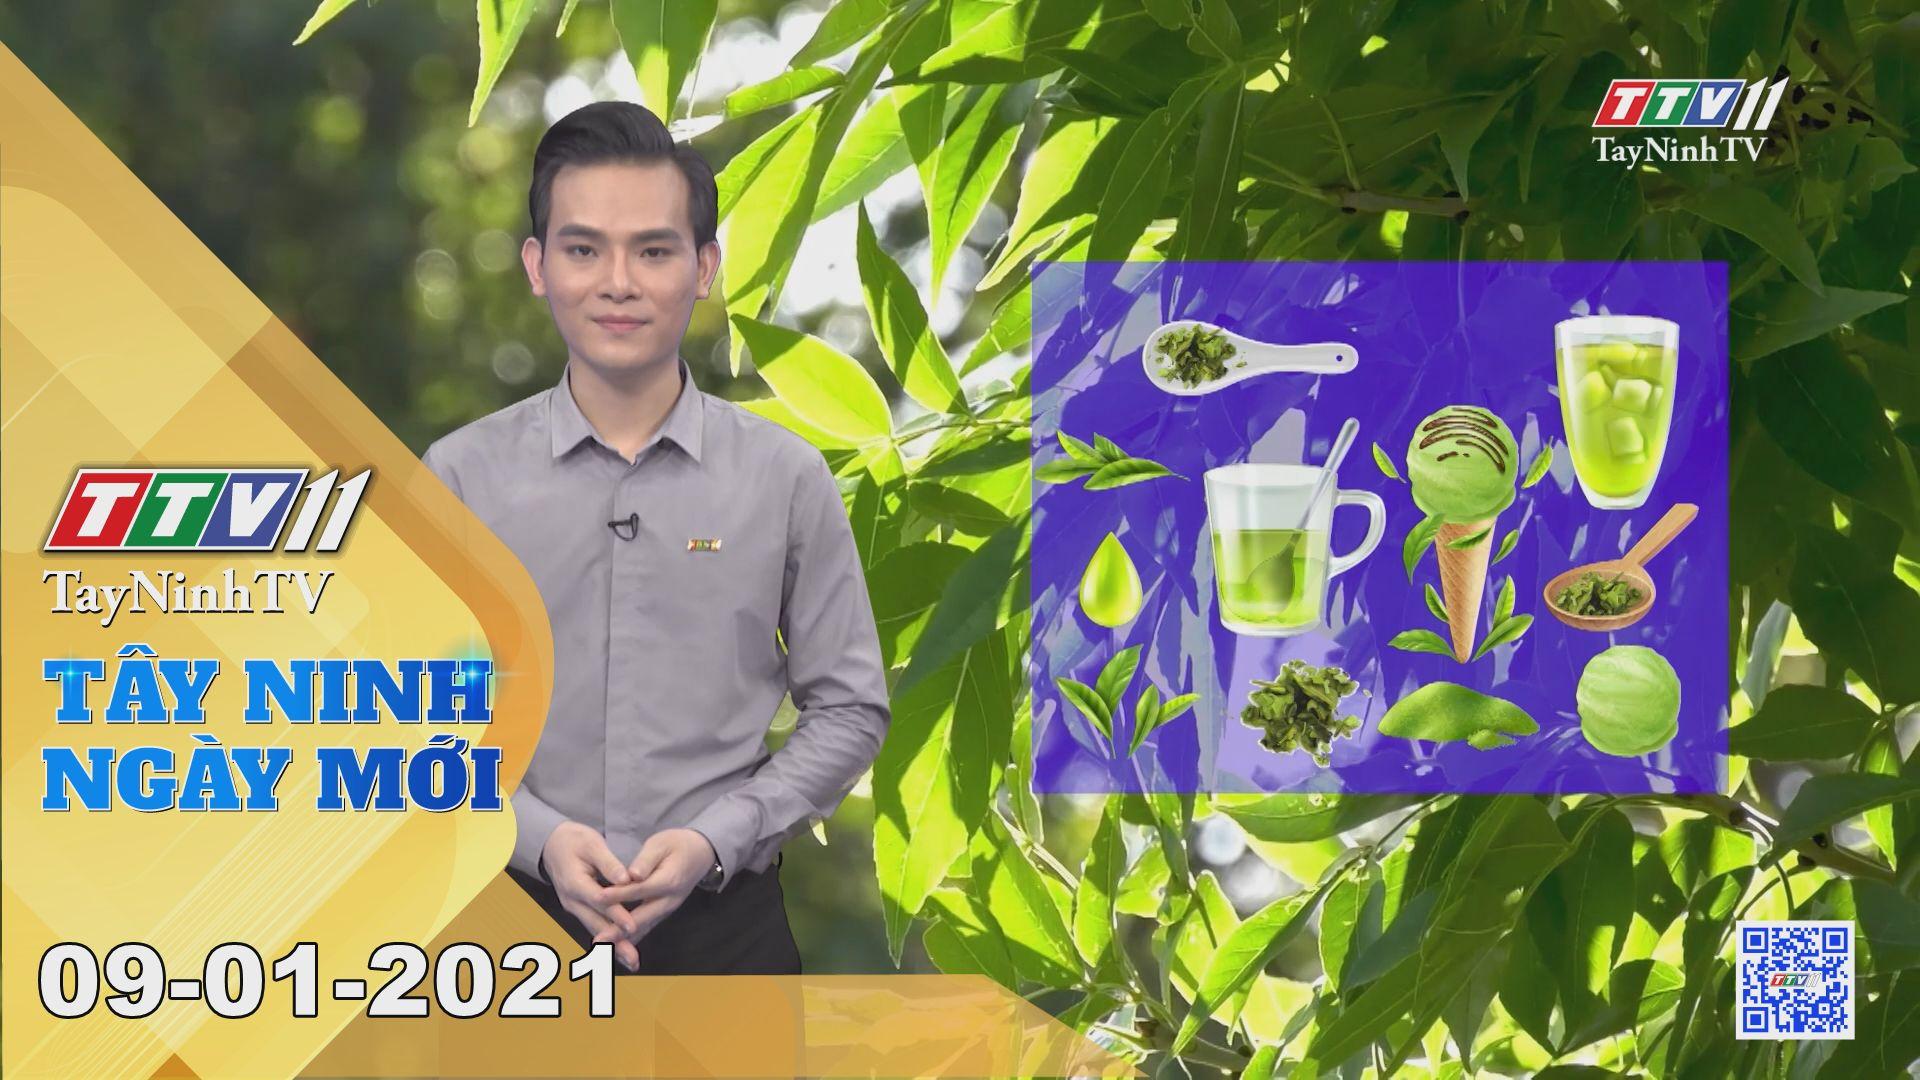 Tây Ninh Ngày Mới 09-01-2021 | Tin tức hôm nay | TayNinhTV